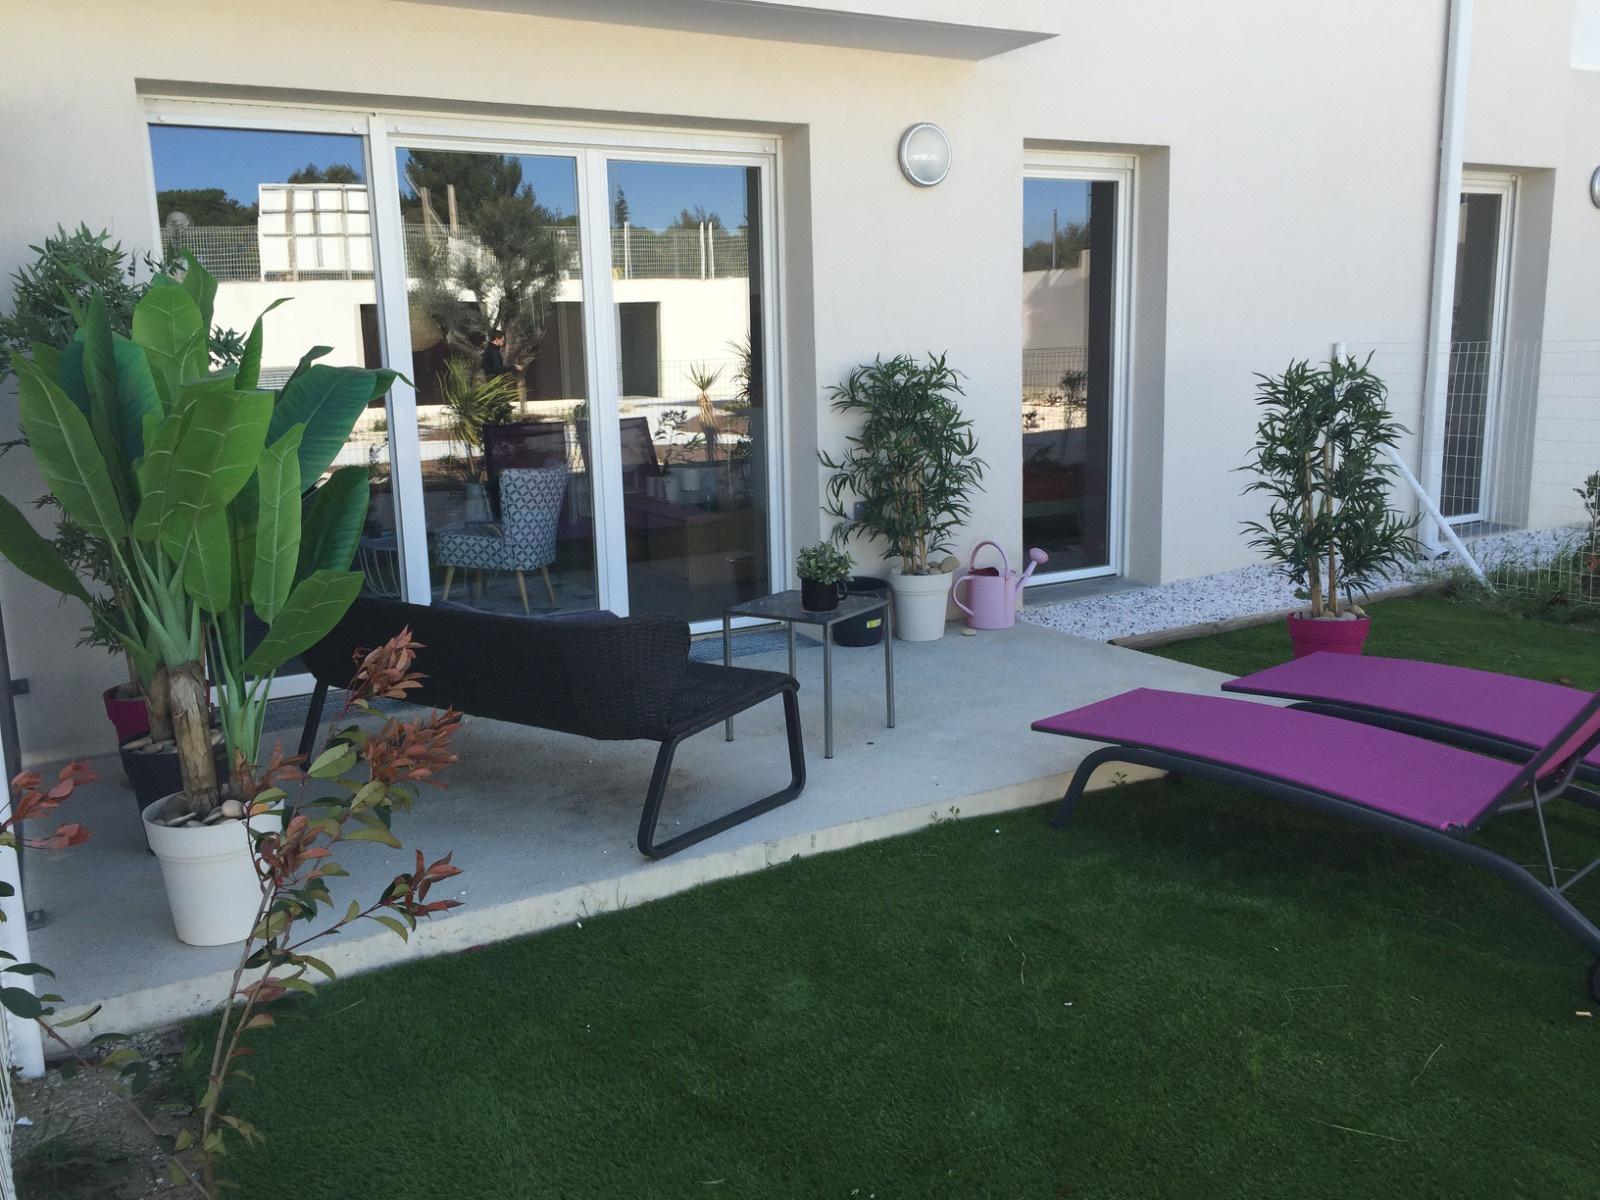 Vente appartement perpignan avec l 39 agence palmarole immobilier - Jardin en pente photos perpignan ...